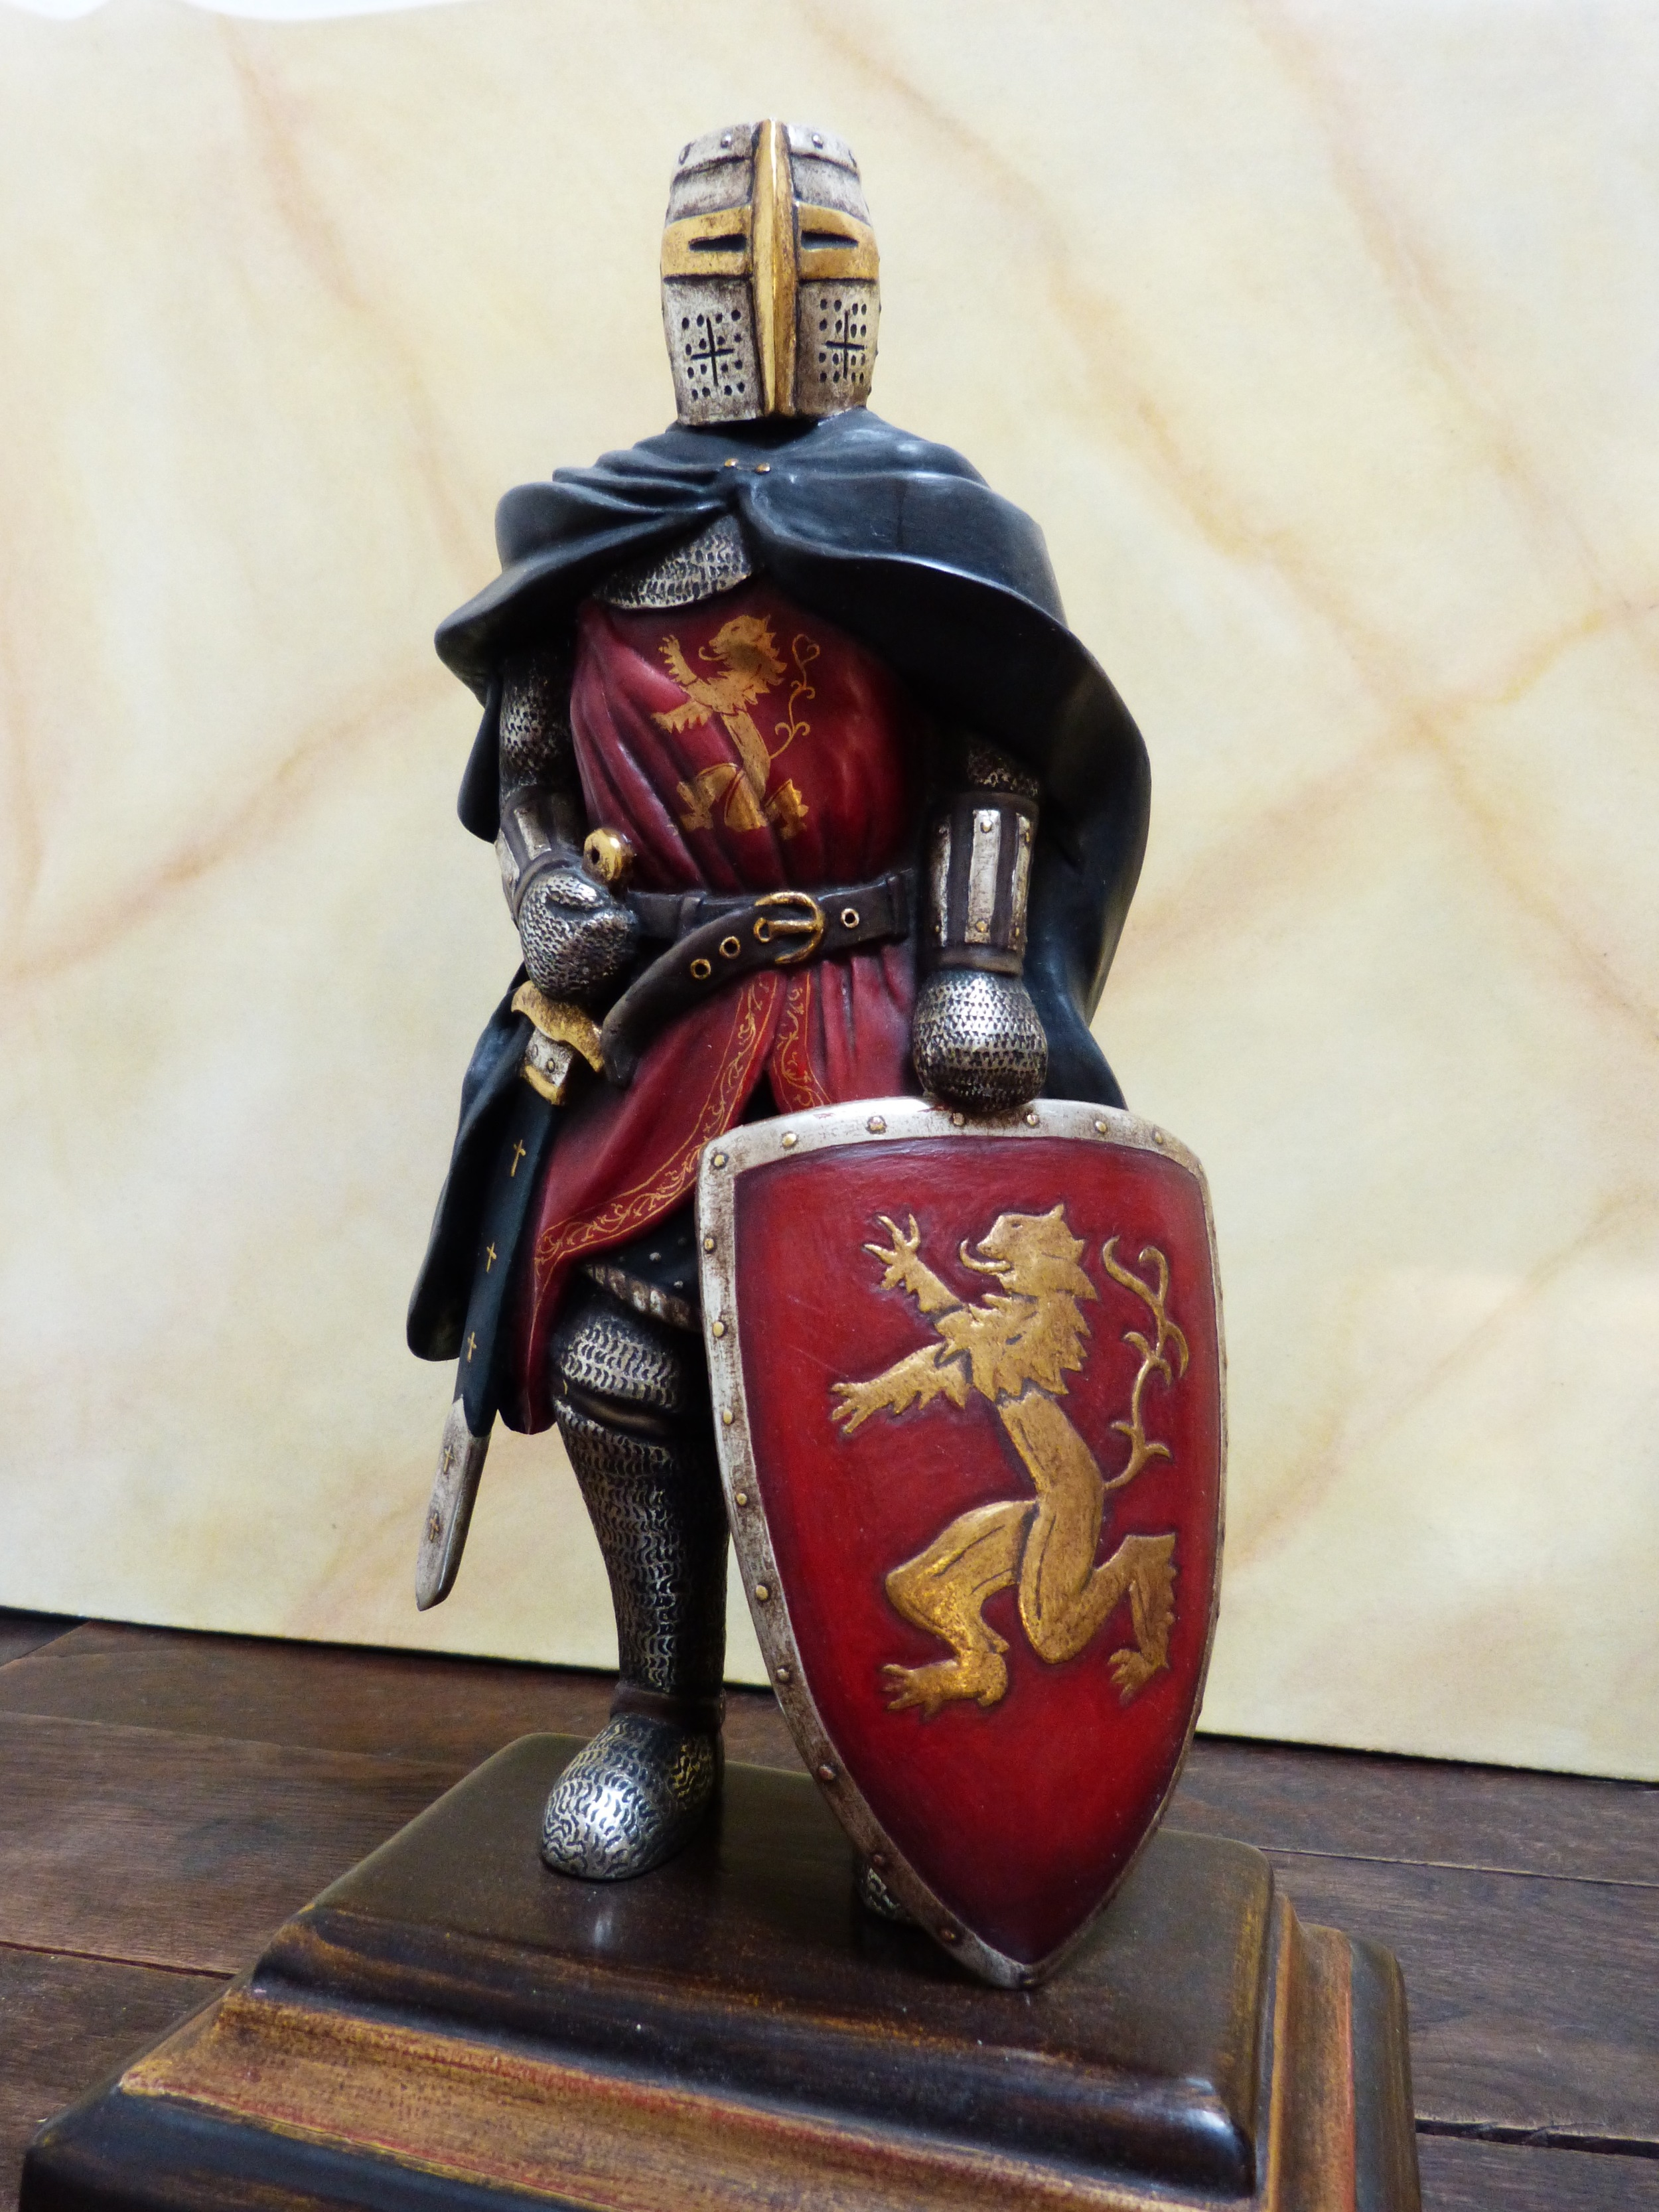 Diese Ritterskulptur misst ca. 30 cm und ist auf einem Holzsockel montiert. Es handelt sich hier um einen englischen Kreuzfahrer, wie sie zu Anfang des 13. Jahrhunderts auf Kreuzzug gingen. Die Rüstungsteile sind echtvergoldet. Das Wappentier und die Ornamente auf dem Wappenrock sind von Hand ausradiert. Alle farbigen Teile sind mit eigens hergestellter Farbe nach Licht- und Schatteneffekt gemalt.